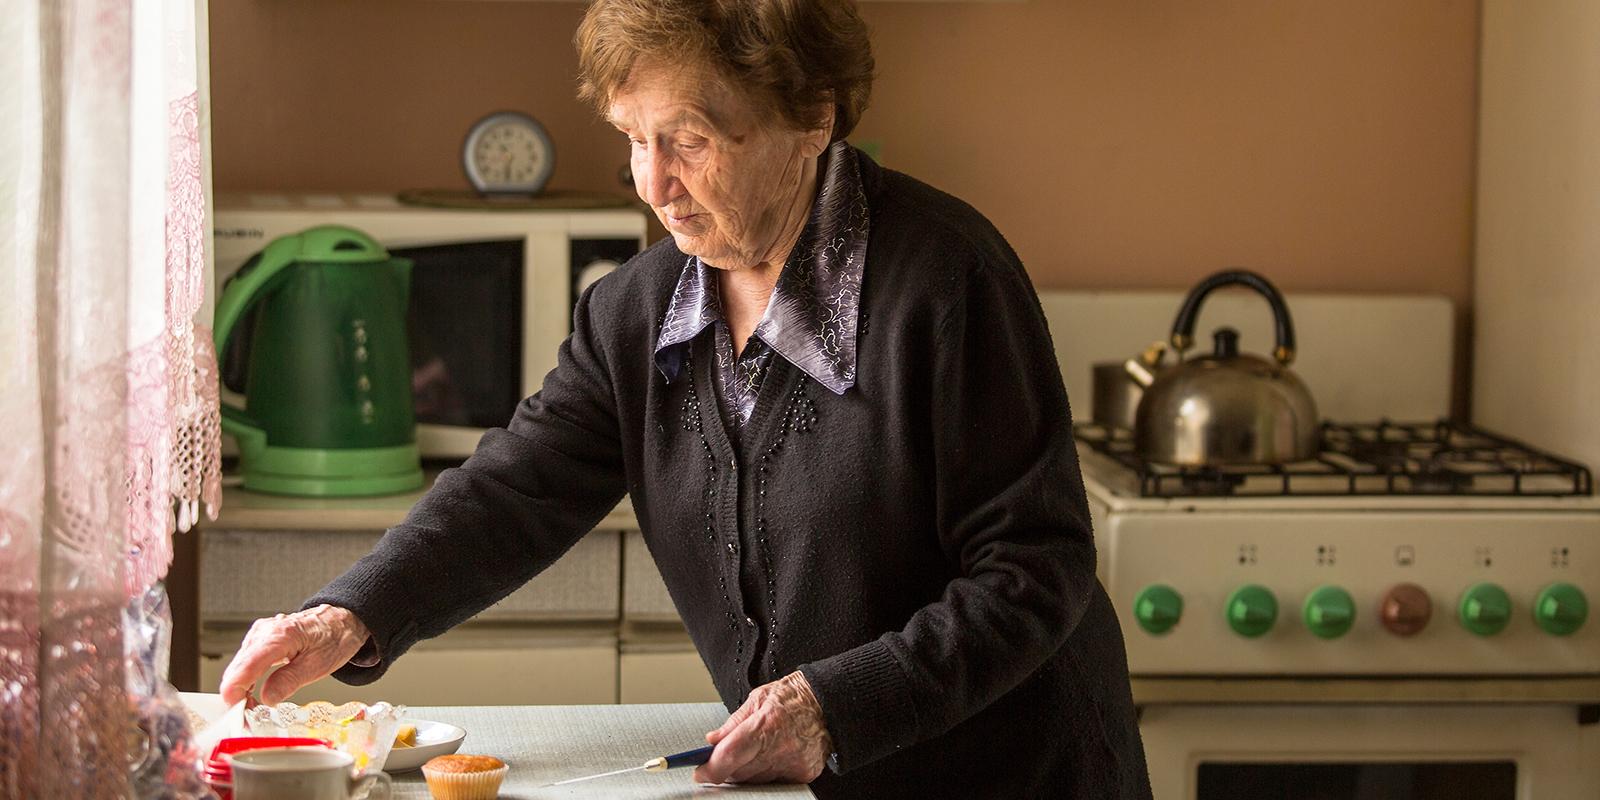 Скользкий пол и старые ковры: 8 опасностей, которые угрожают пожилым дома и на улице жилье,опасность,полезные советы